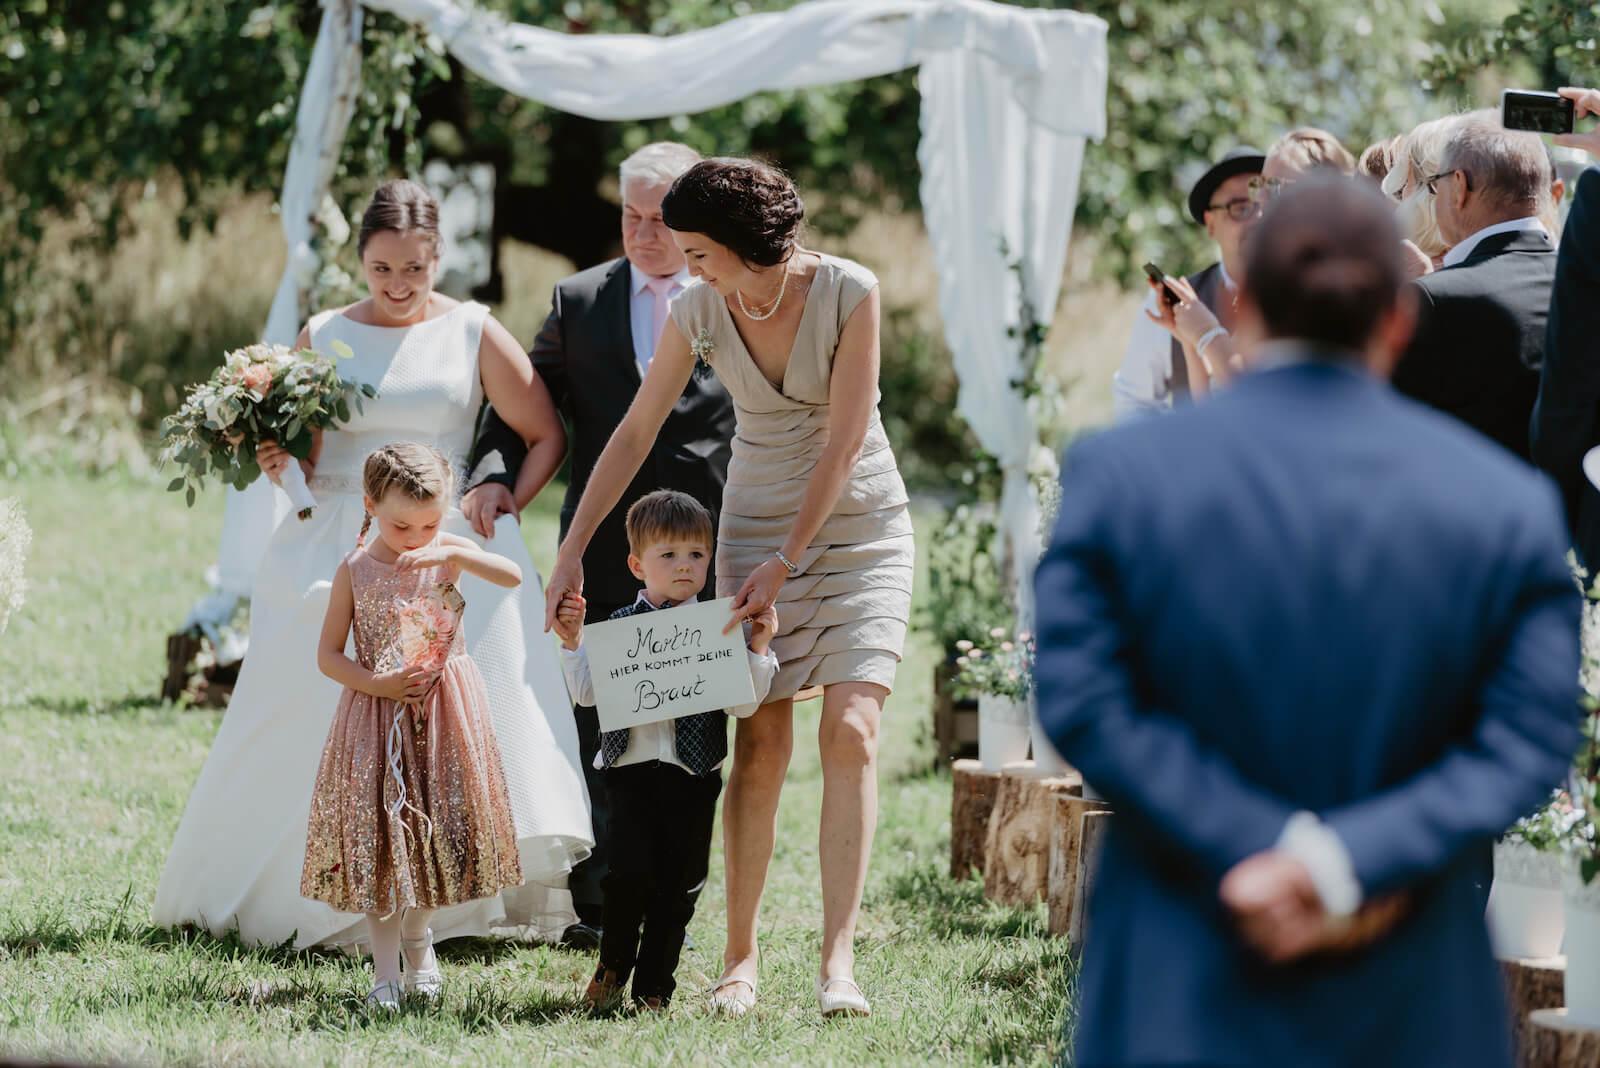 Gartenhochzeit Buchloe - Einzug der Braut hinter zwei Kindern